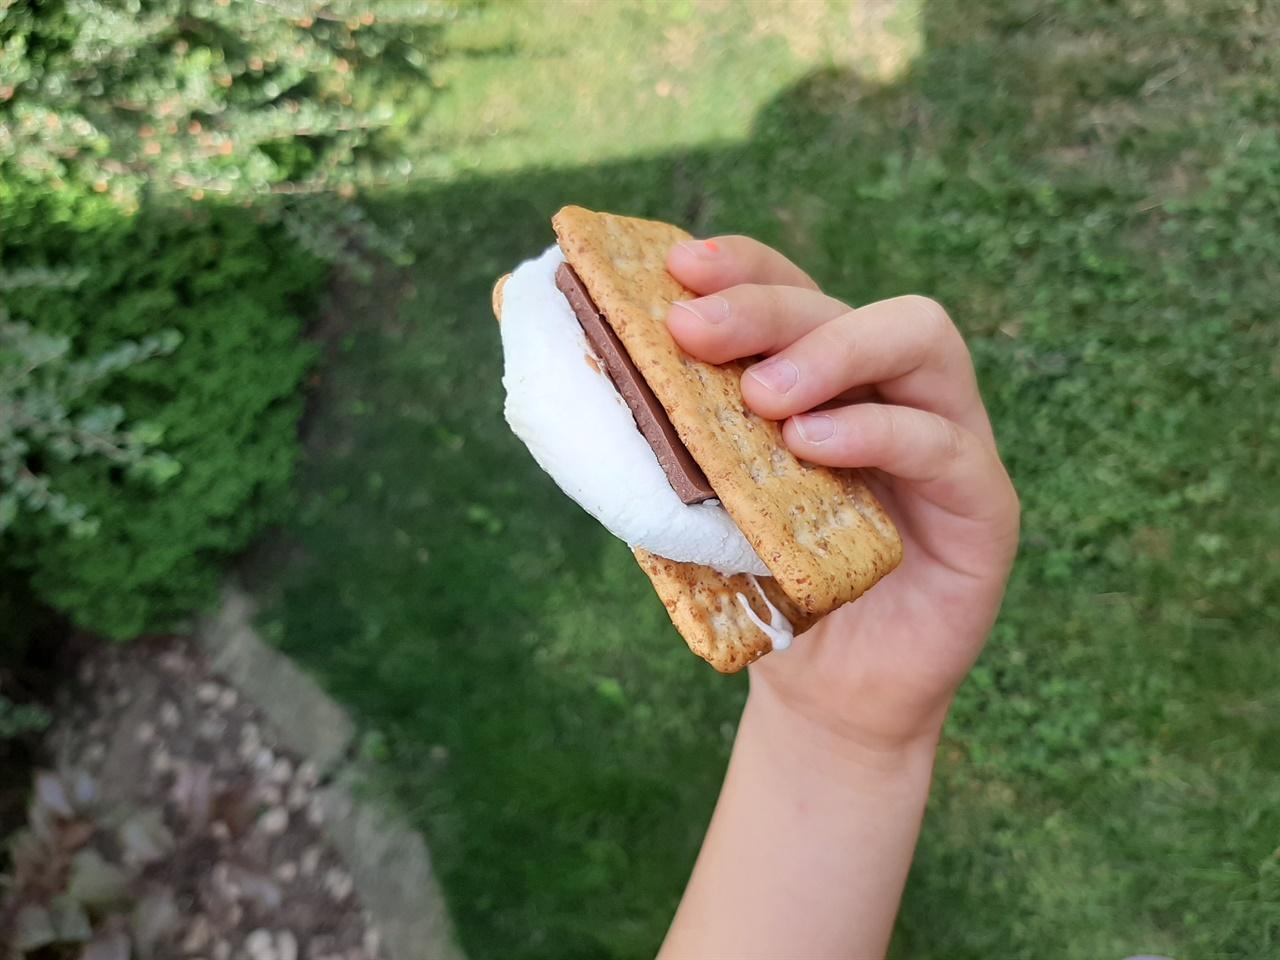 크래커 사이에 구운 마시멜로와 초콜릿을 끼워 먹는 '스모어(s'more)'